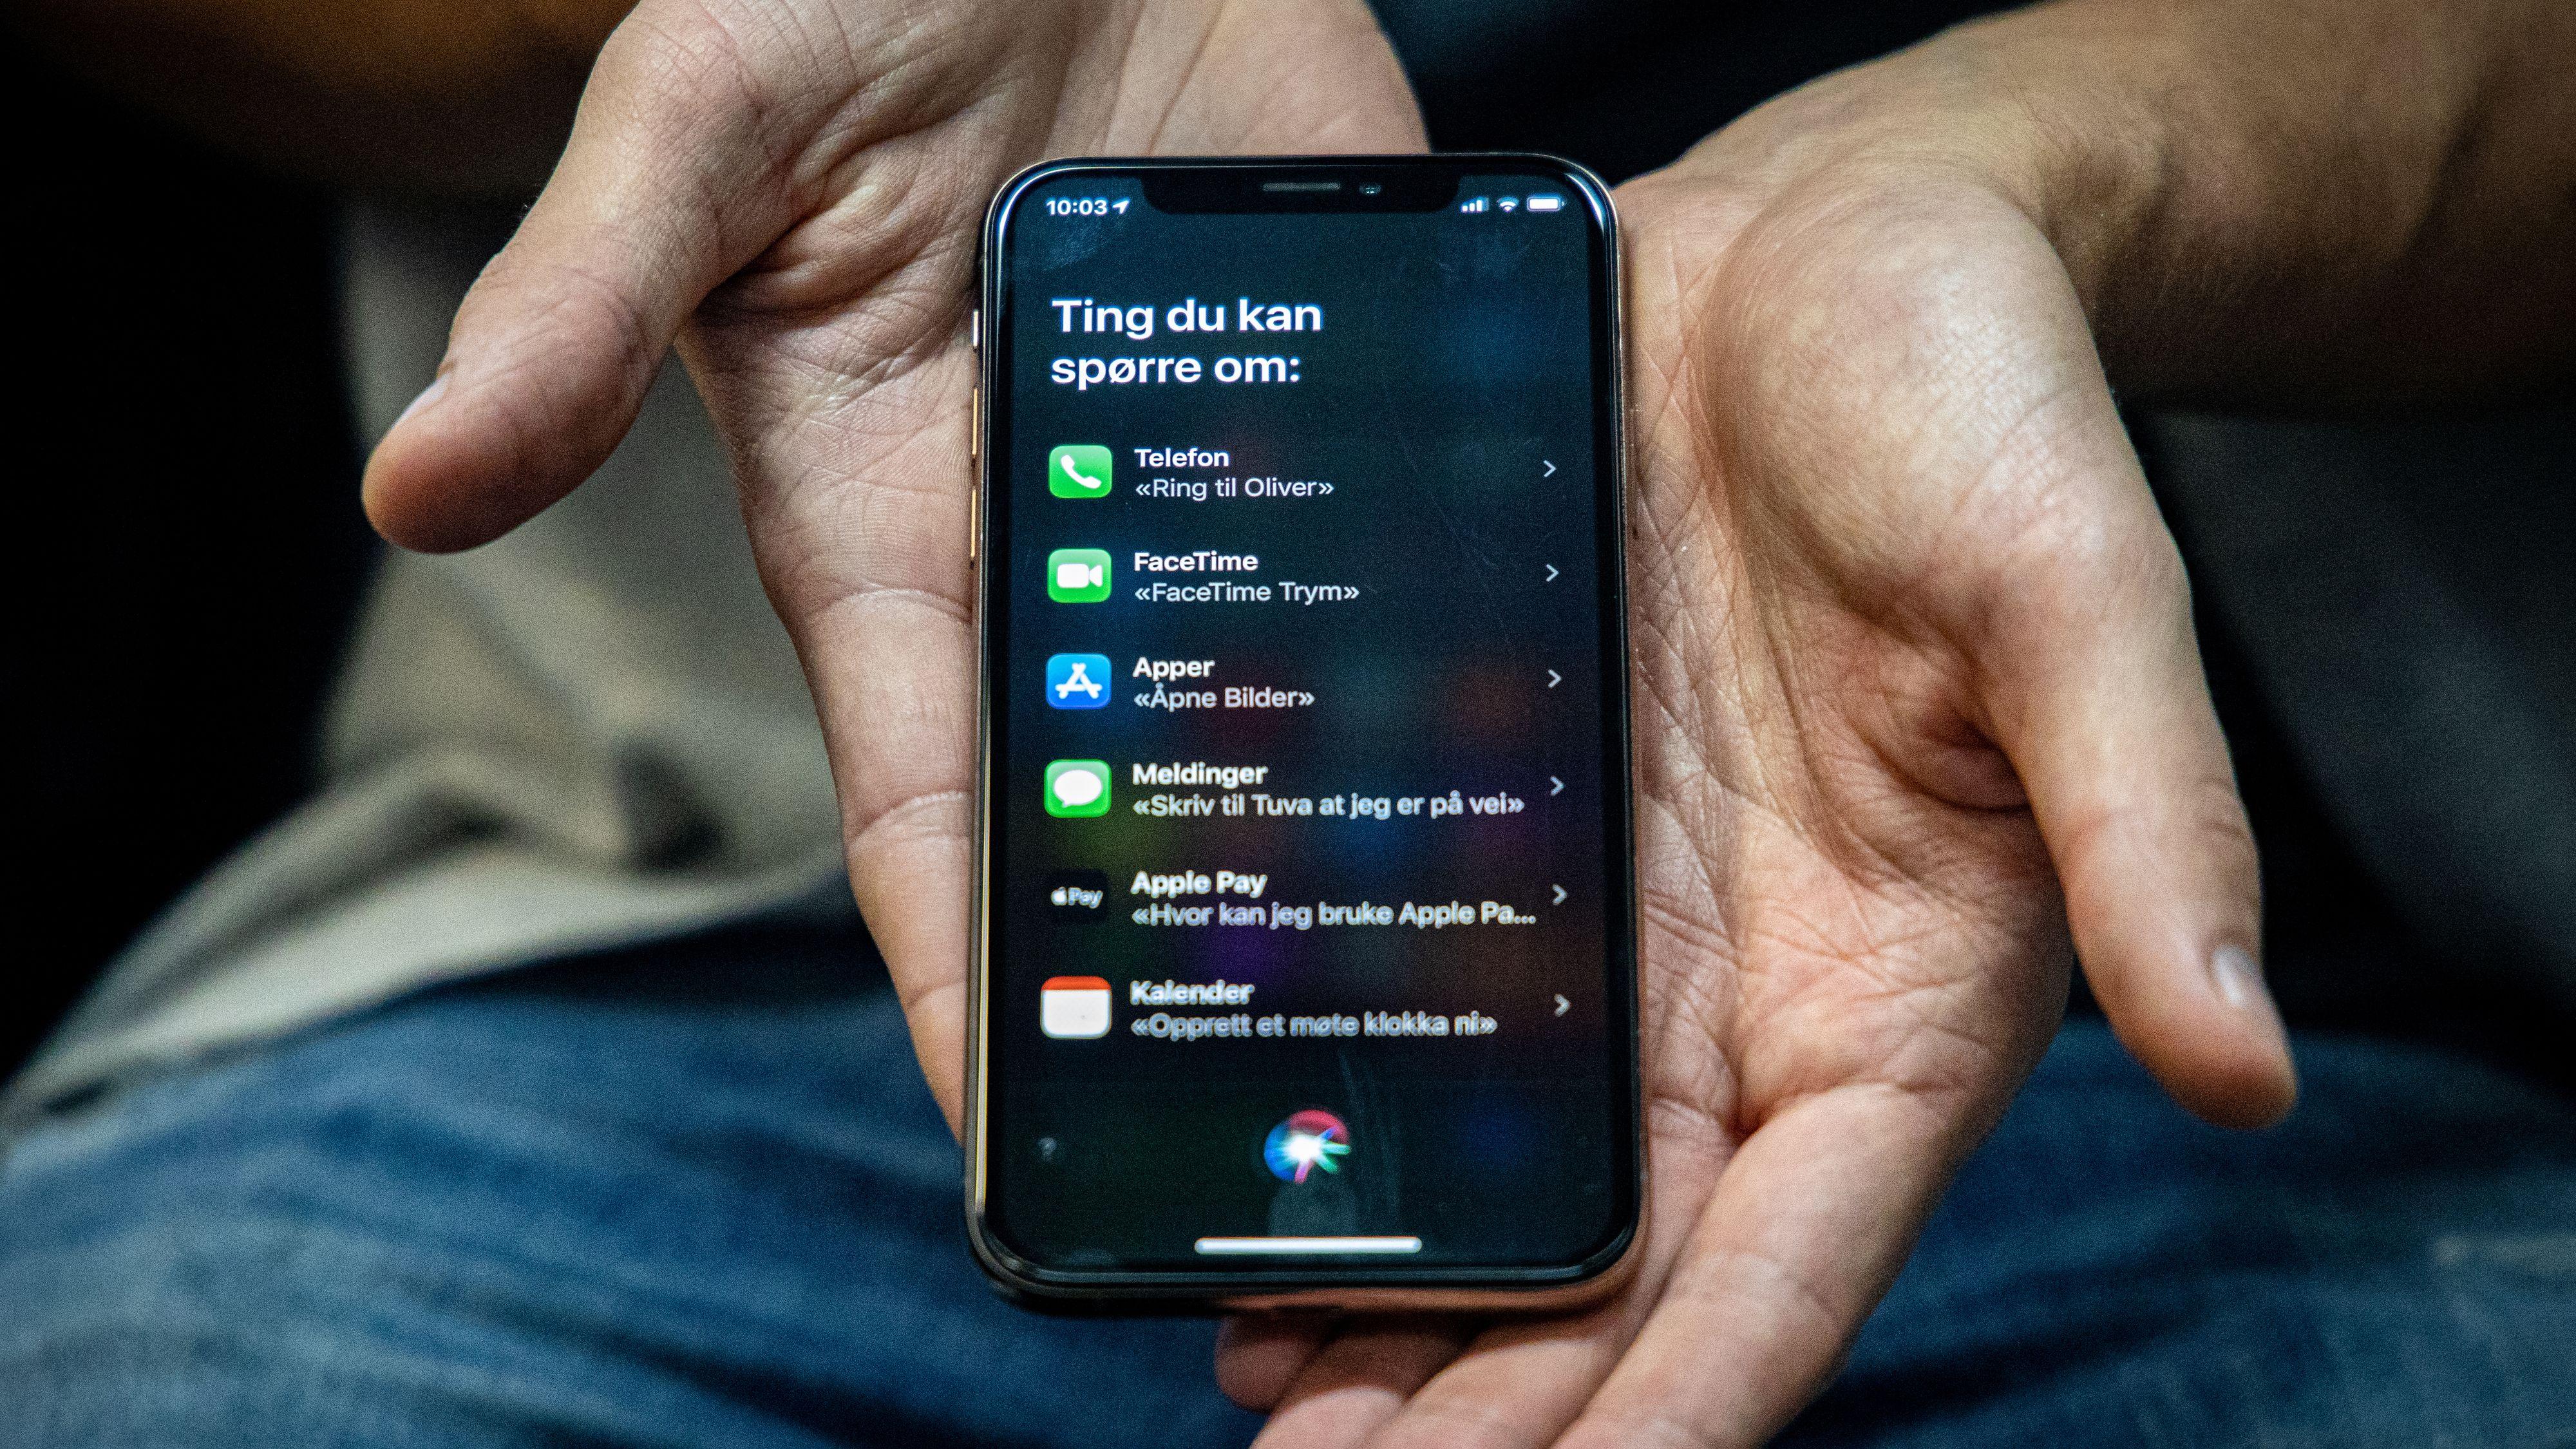 Frem til nå har alle spørsmål om musikktjenester og podcaster landet hos Apple Music. Men fra iOS 14.5 vil Siri bli nysgjerrig på hvilken tjeneste du foretrekker - og iPhonen vil justere preferansene etter hvert som du bruker dem.